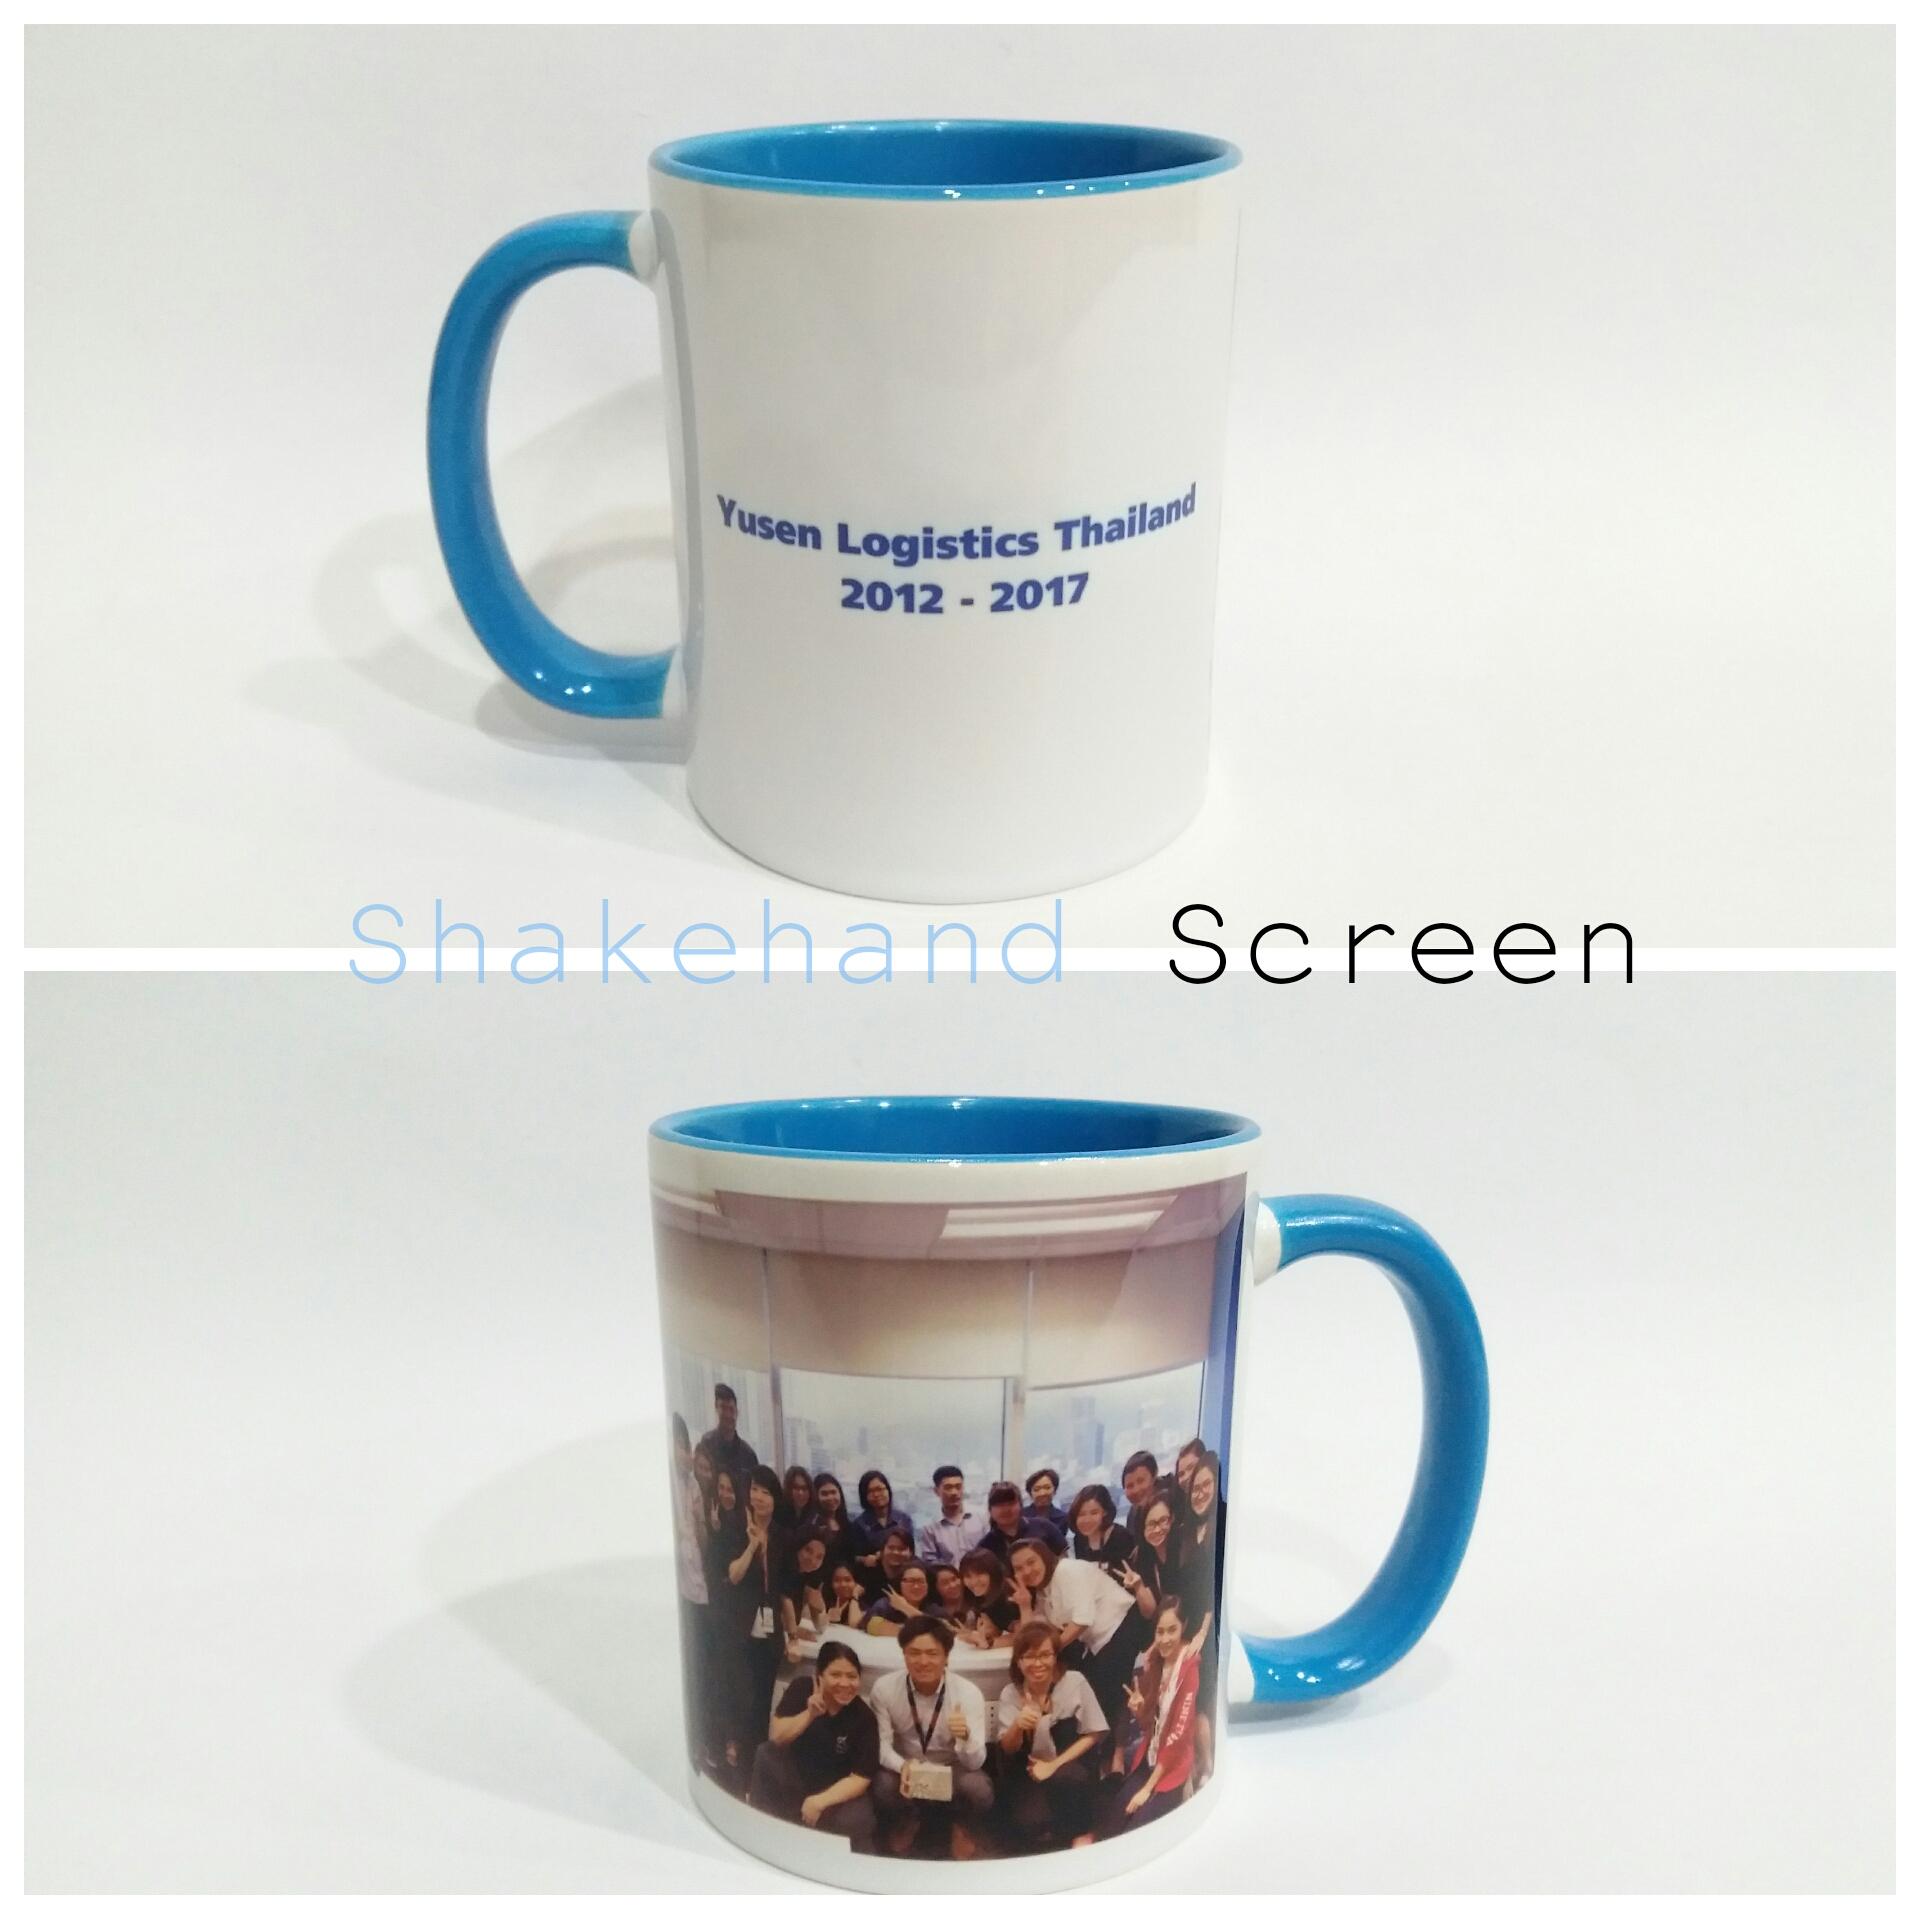 แก้วมัคพร้อมสกรีนภาพถ่าย